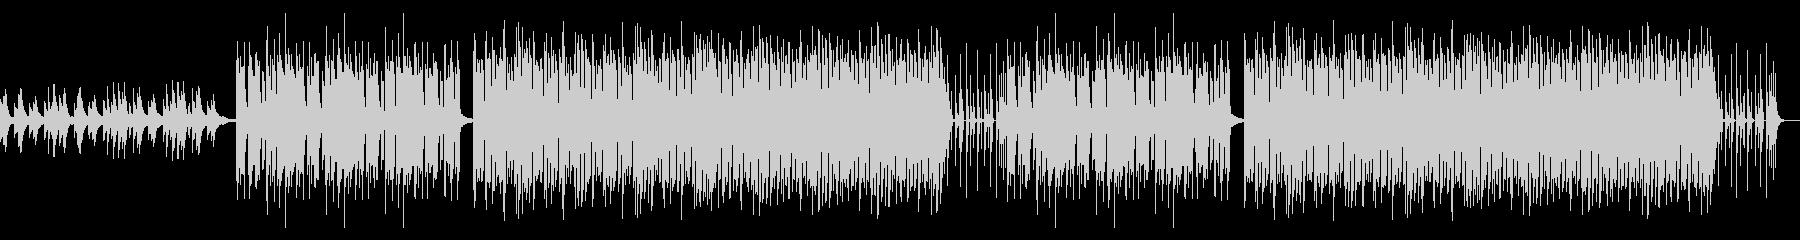 感動的なピアノ主体のBGMの未再生の波形